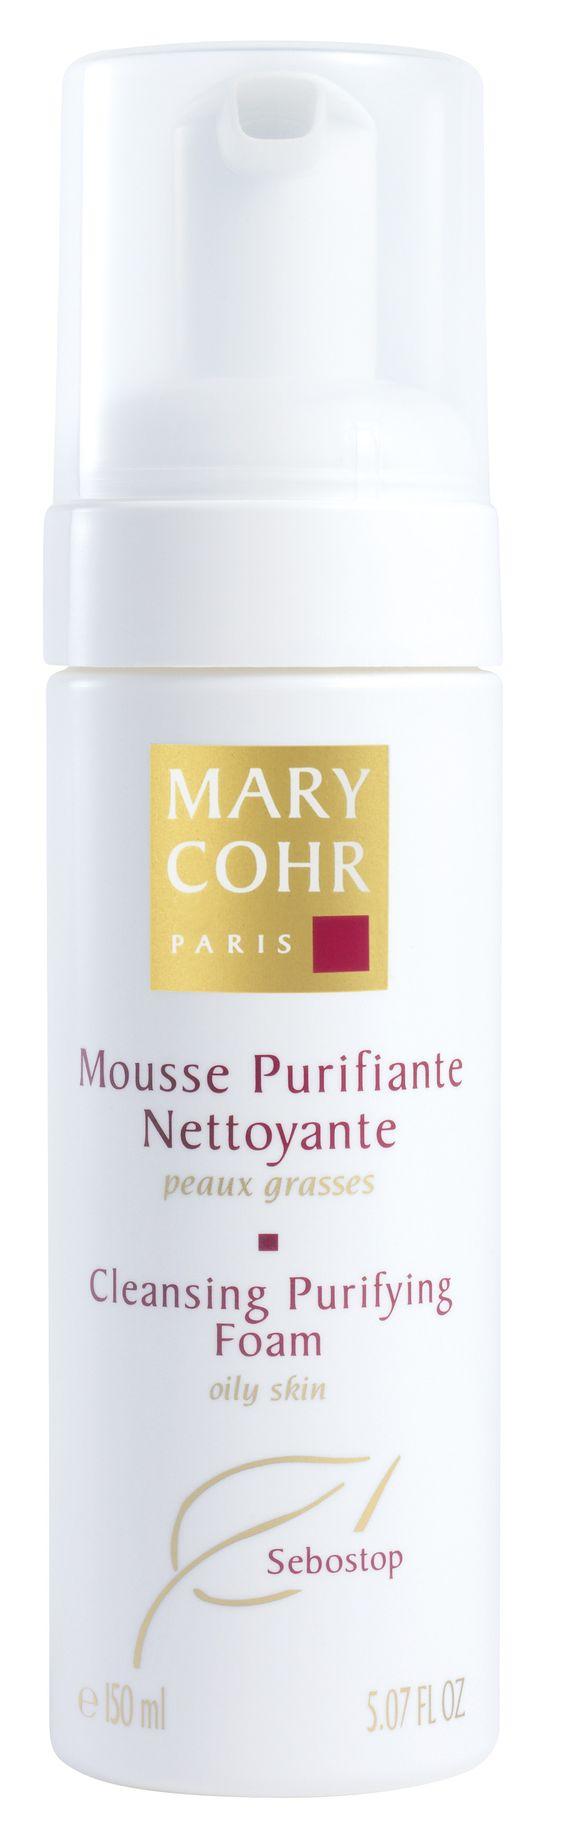 MOUSSE PURIFANTE NETTOYANTE (150ml)  Der besonders sanfte, aber gründliche Reinigungsschaum erhält den natürlichen Säureschutzmantel der Haut. Er reagiert nicht alkalisch, besteht zu 100 % aus natürlichen Wirkstoffen, ist mit einem Antikalk-Wirkstoff angereichert. Die Haut fühlt sich frisch und angenehm an. Das Mousse Purifiante Nettoyante von Mary Cohr enthält besondere Tenside und ist alkalifrei…